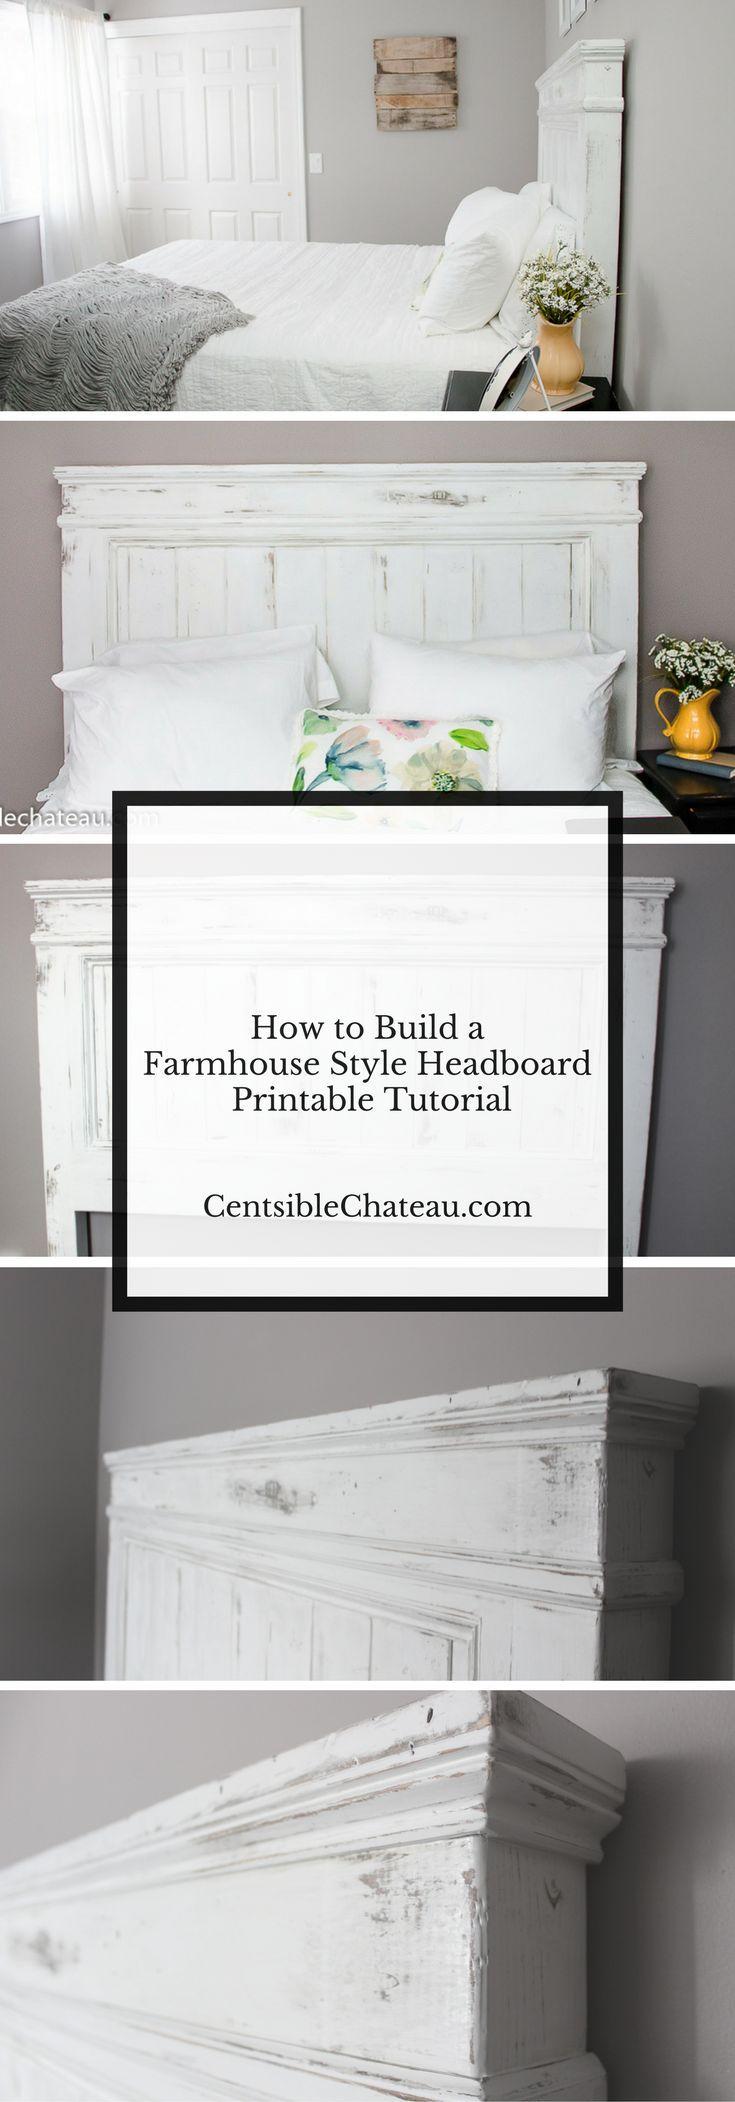 best 25+ farmhouse headboards ideas on pinterest | farm house